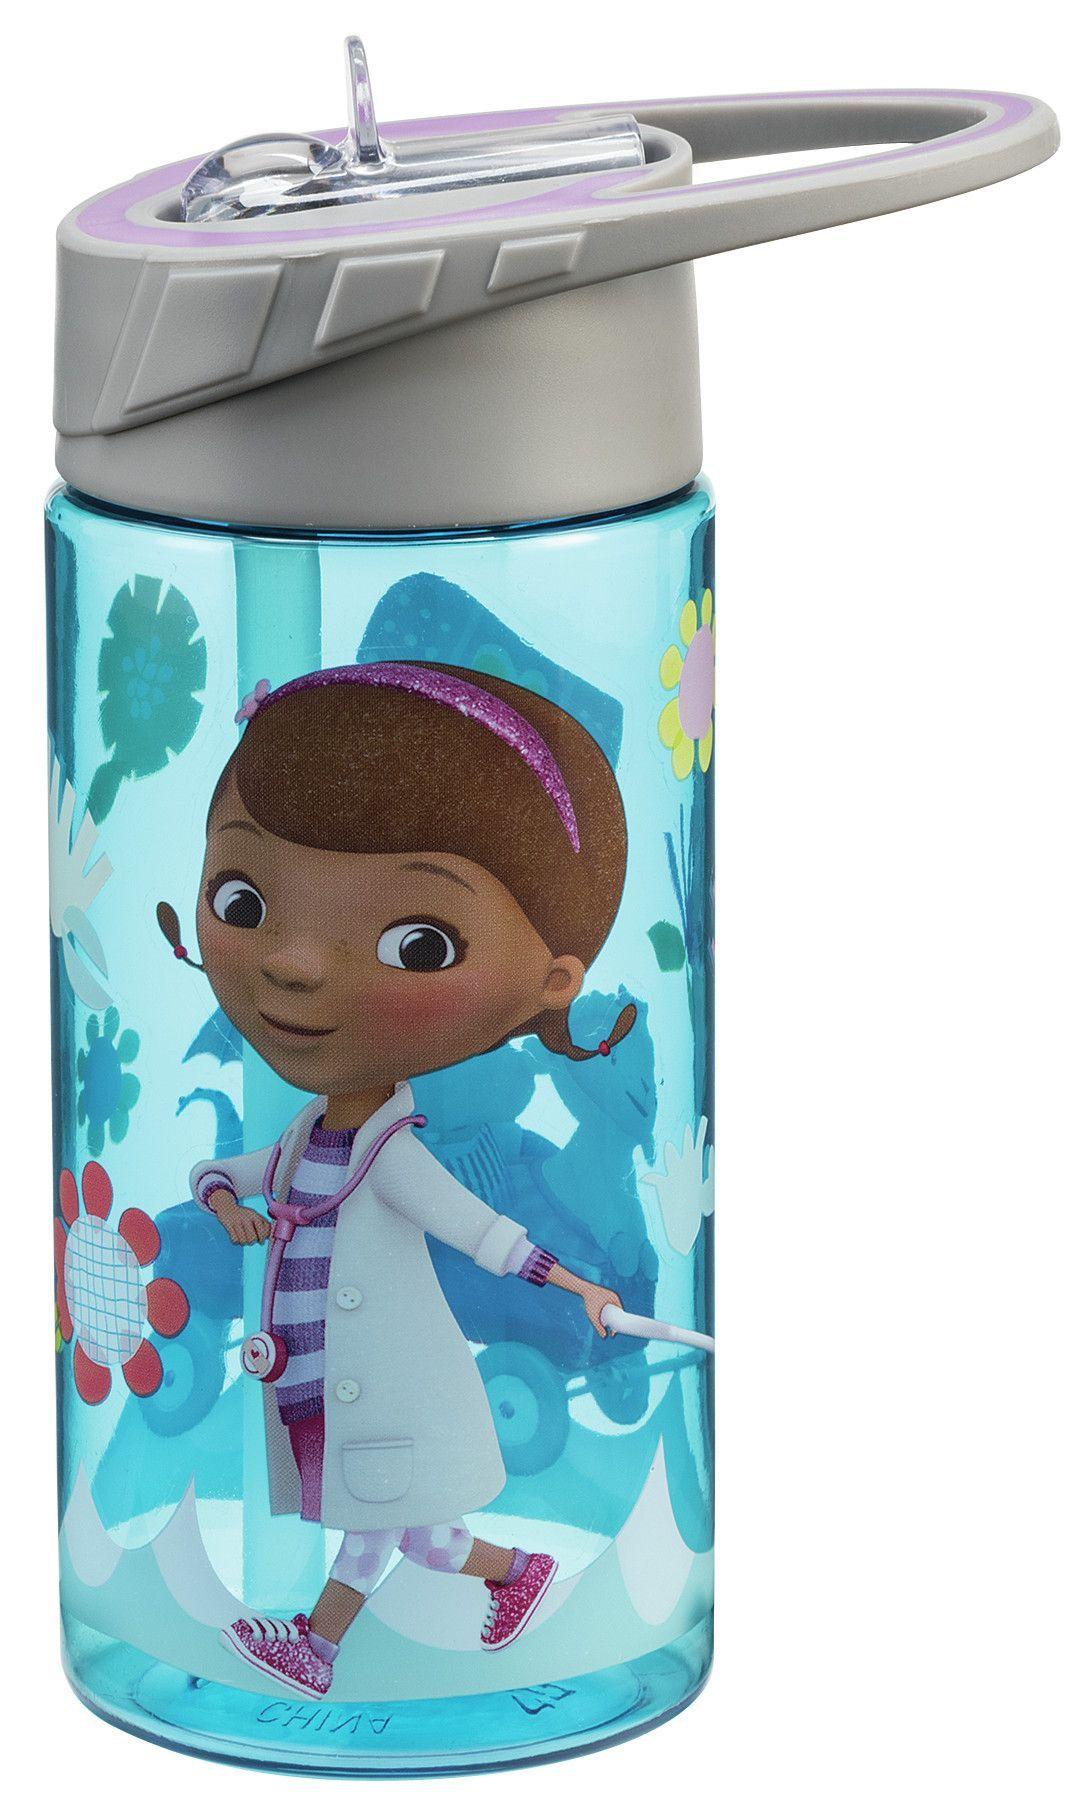 Disney Jr. Doc McStuffins 14 oz. Water Bottle   Products   Pinterest ...